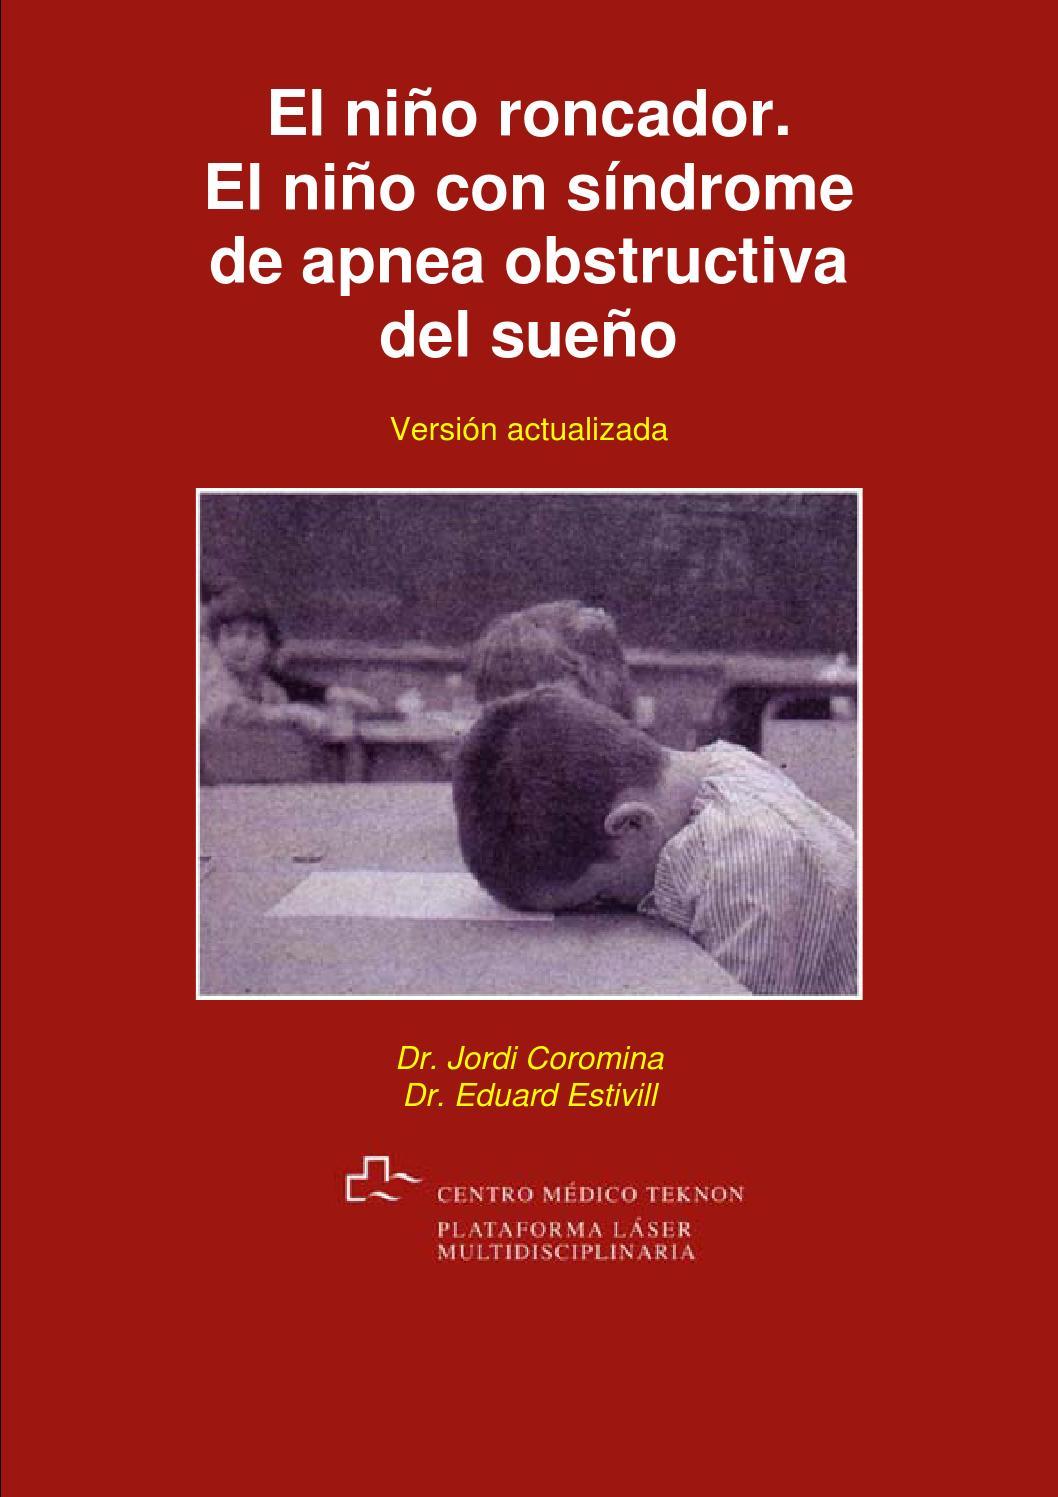 trastornos del sueño y vigilia basados en un diagnóstico de diabetes por polisomnografía